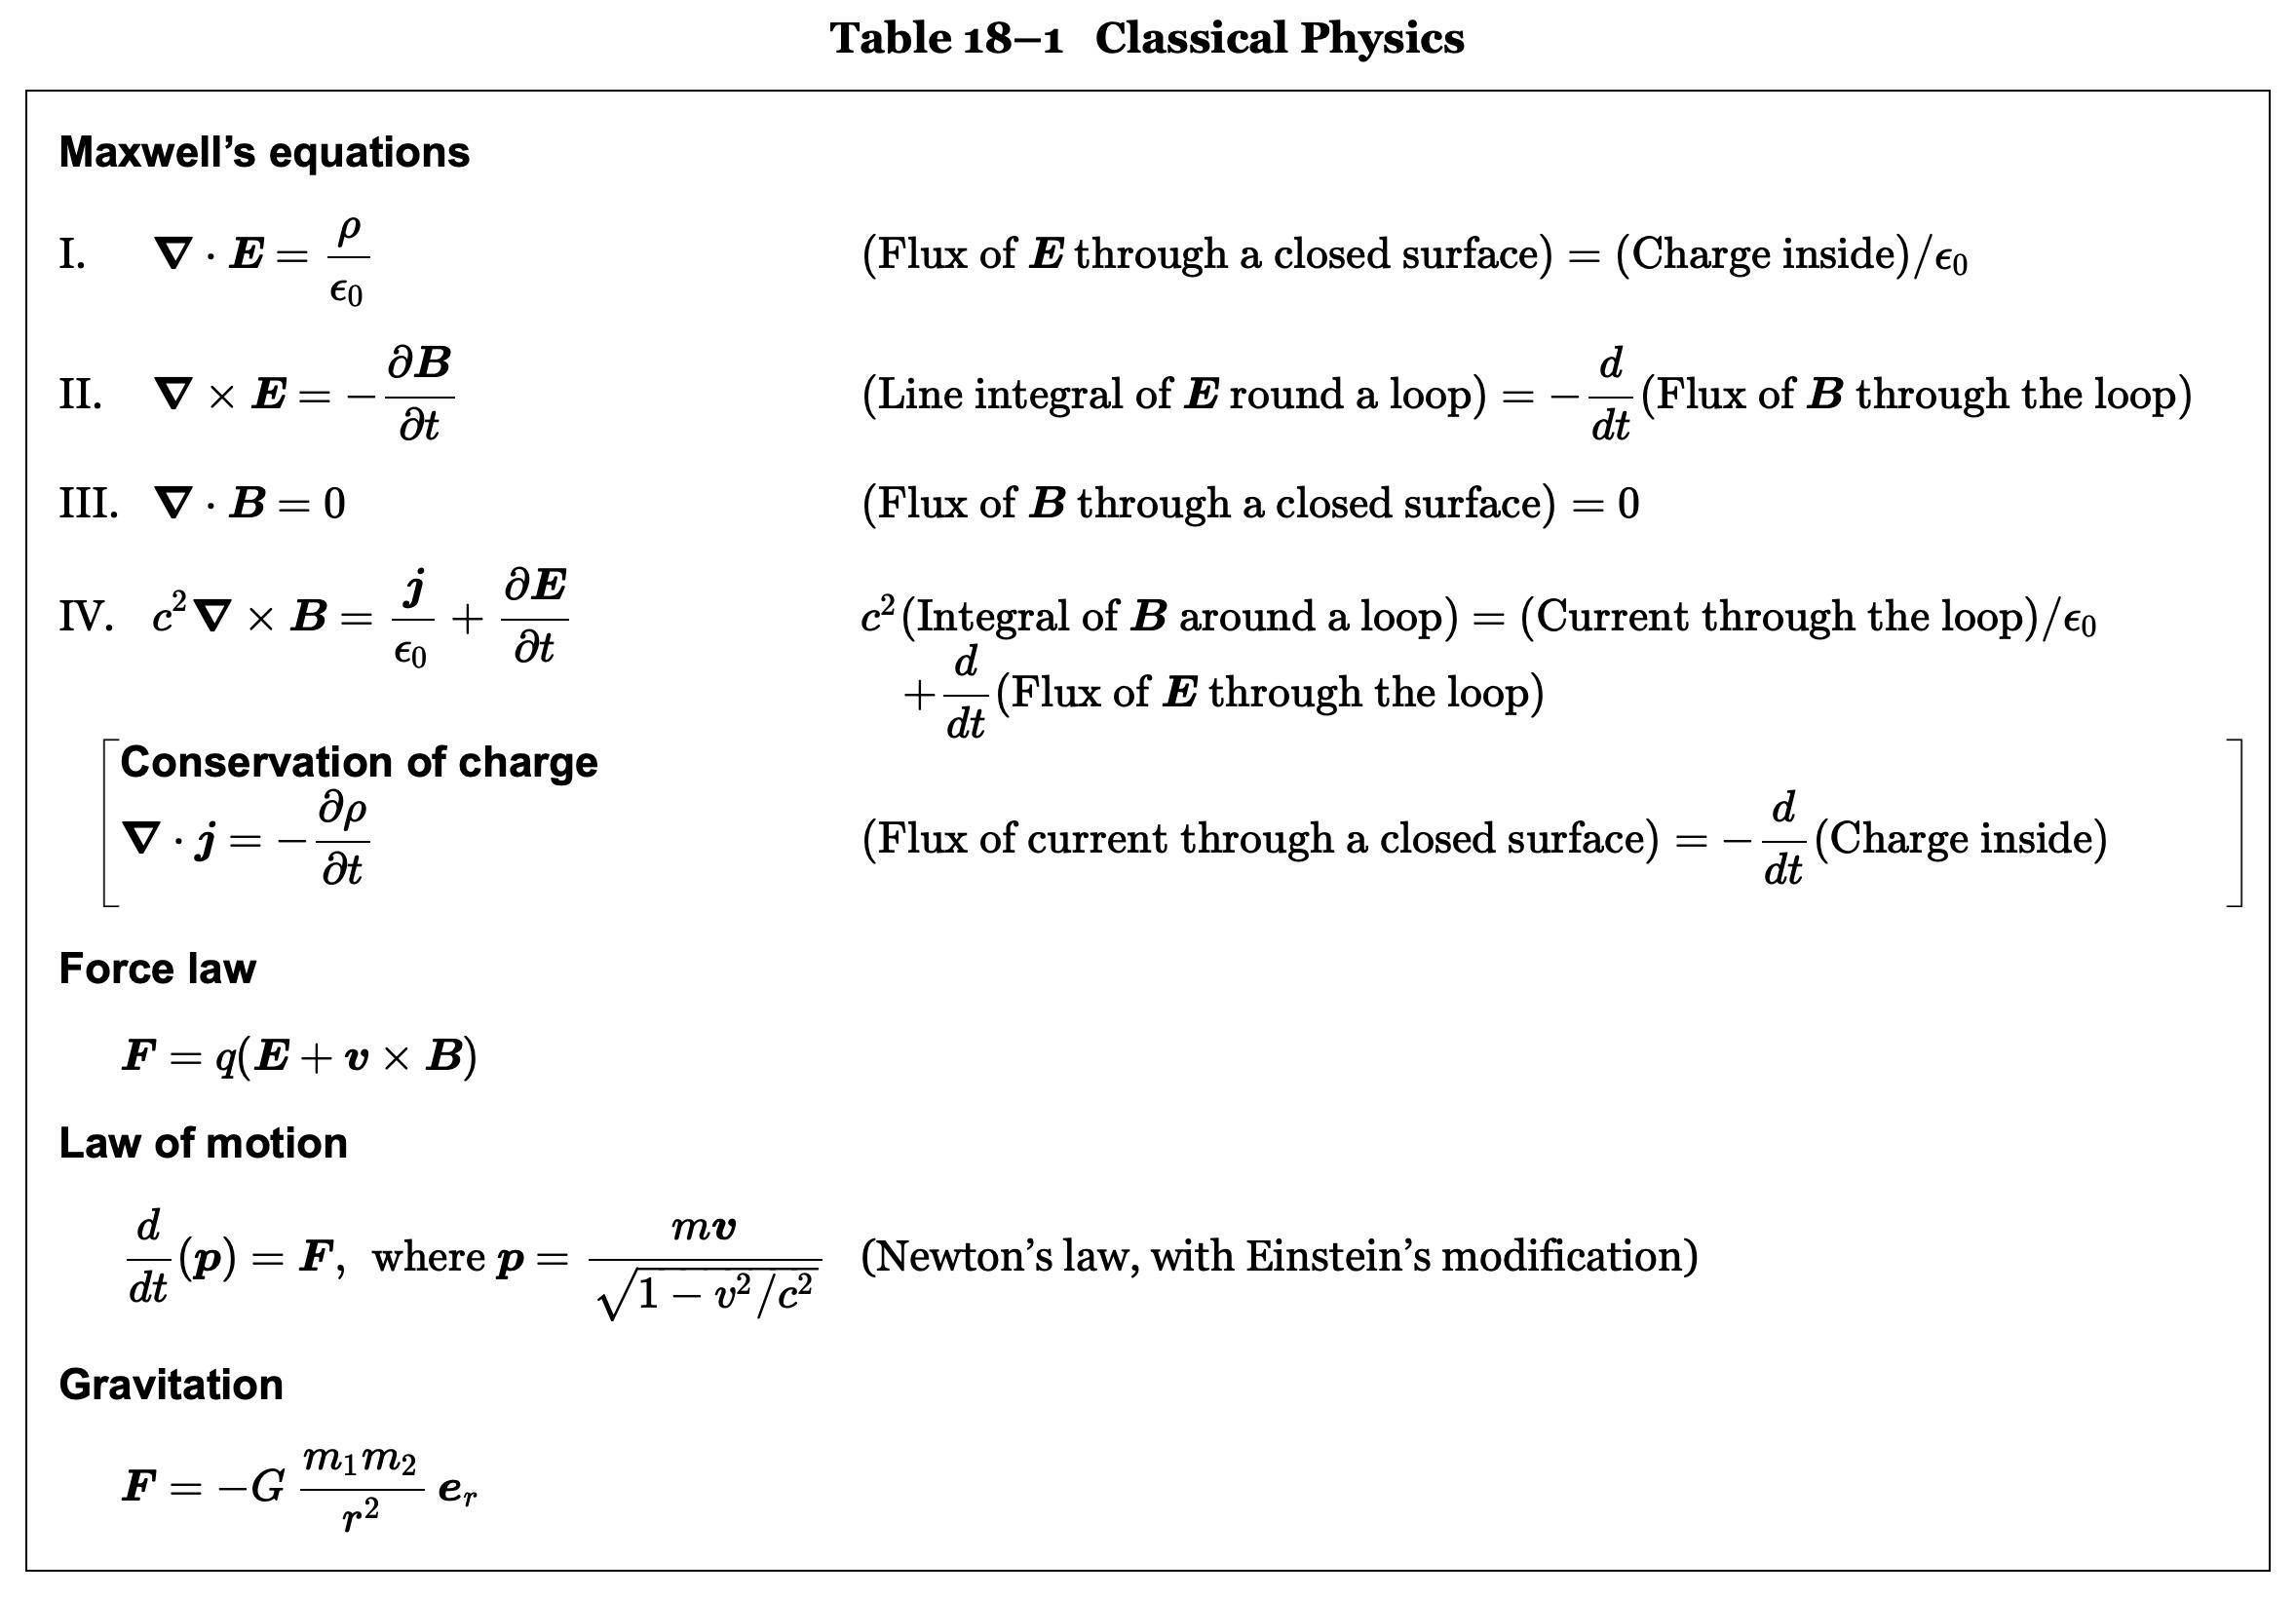 ファインマン物理の表18ー1